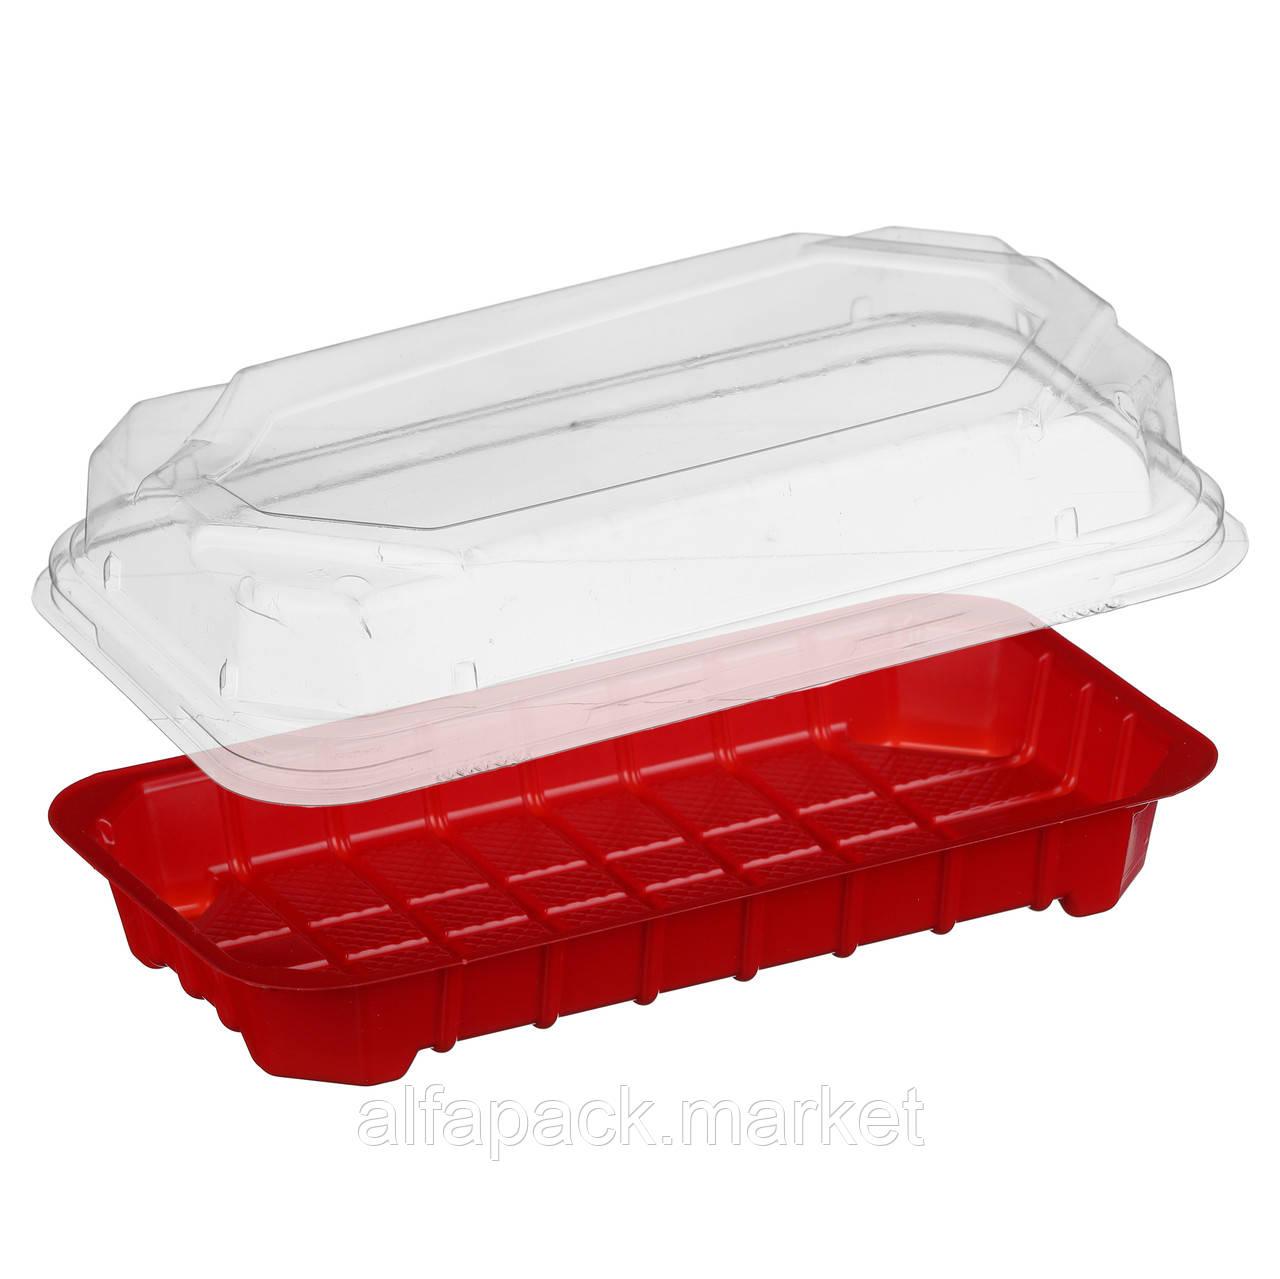 ПС-67 Д+К Упаковка для суши ( В упаковке 750 шт)